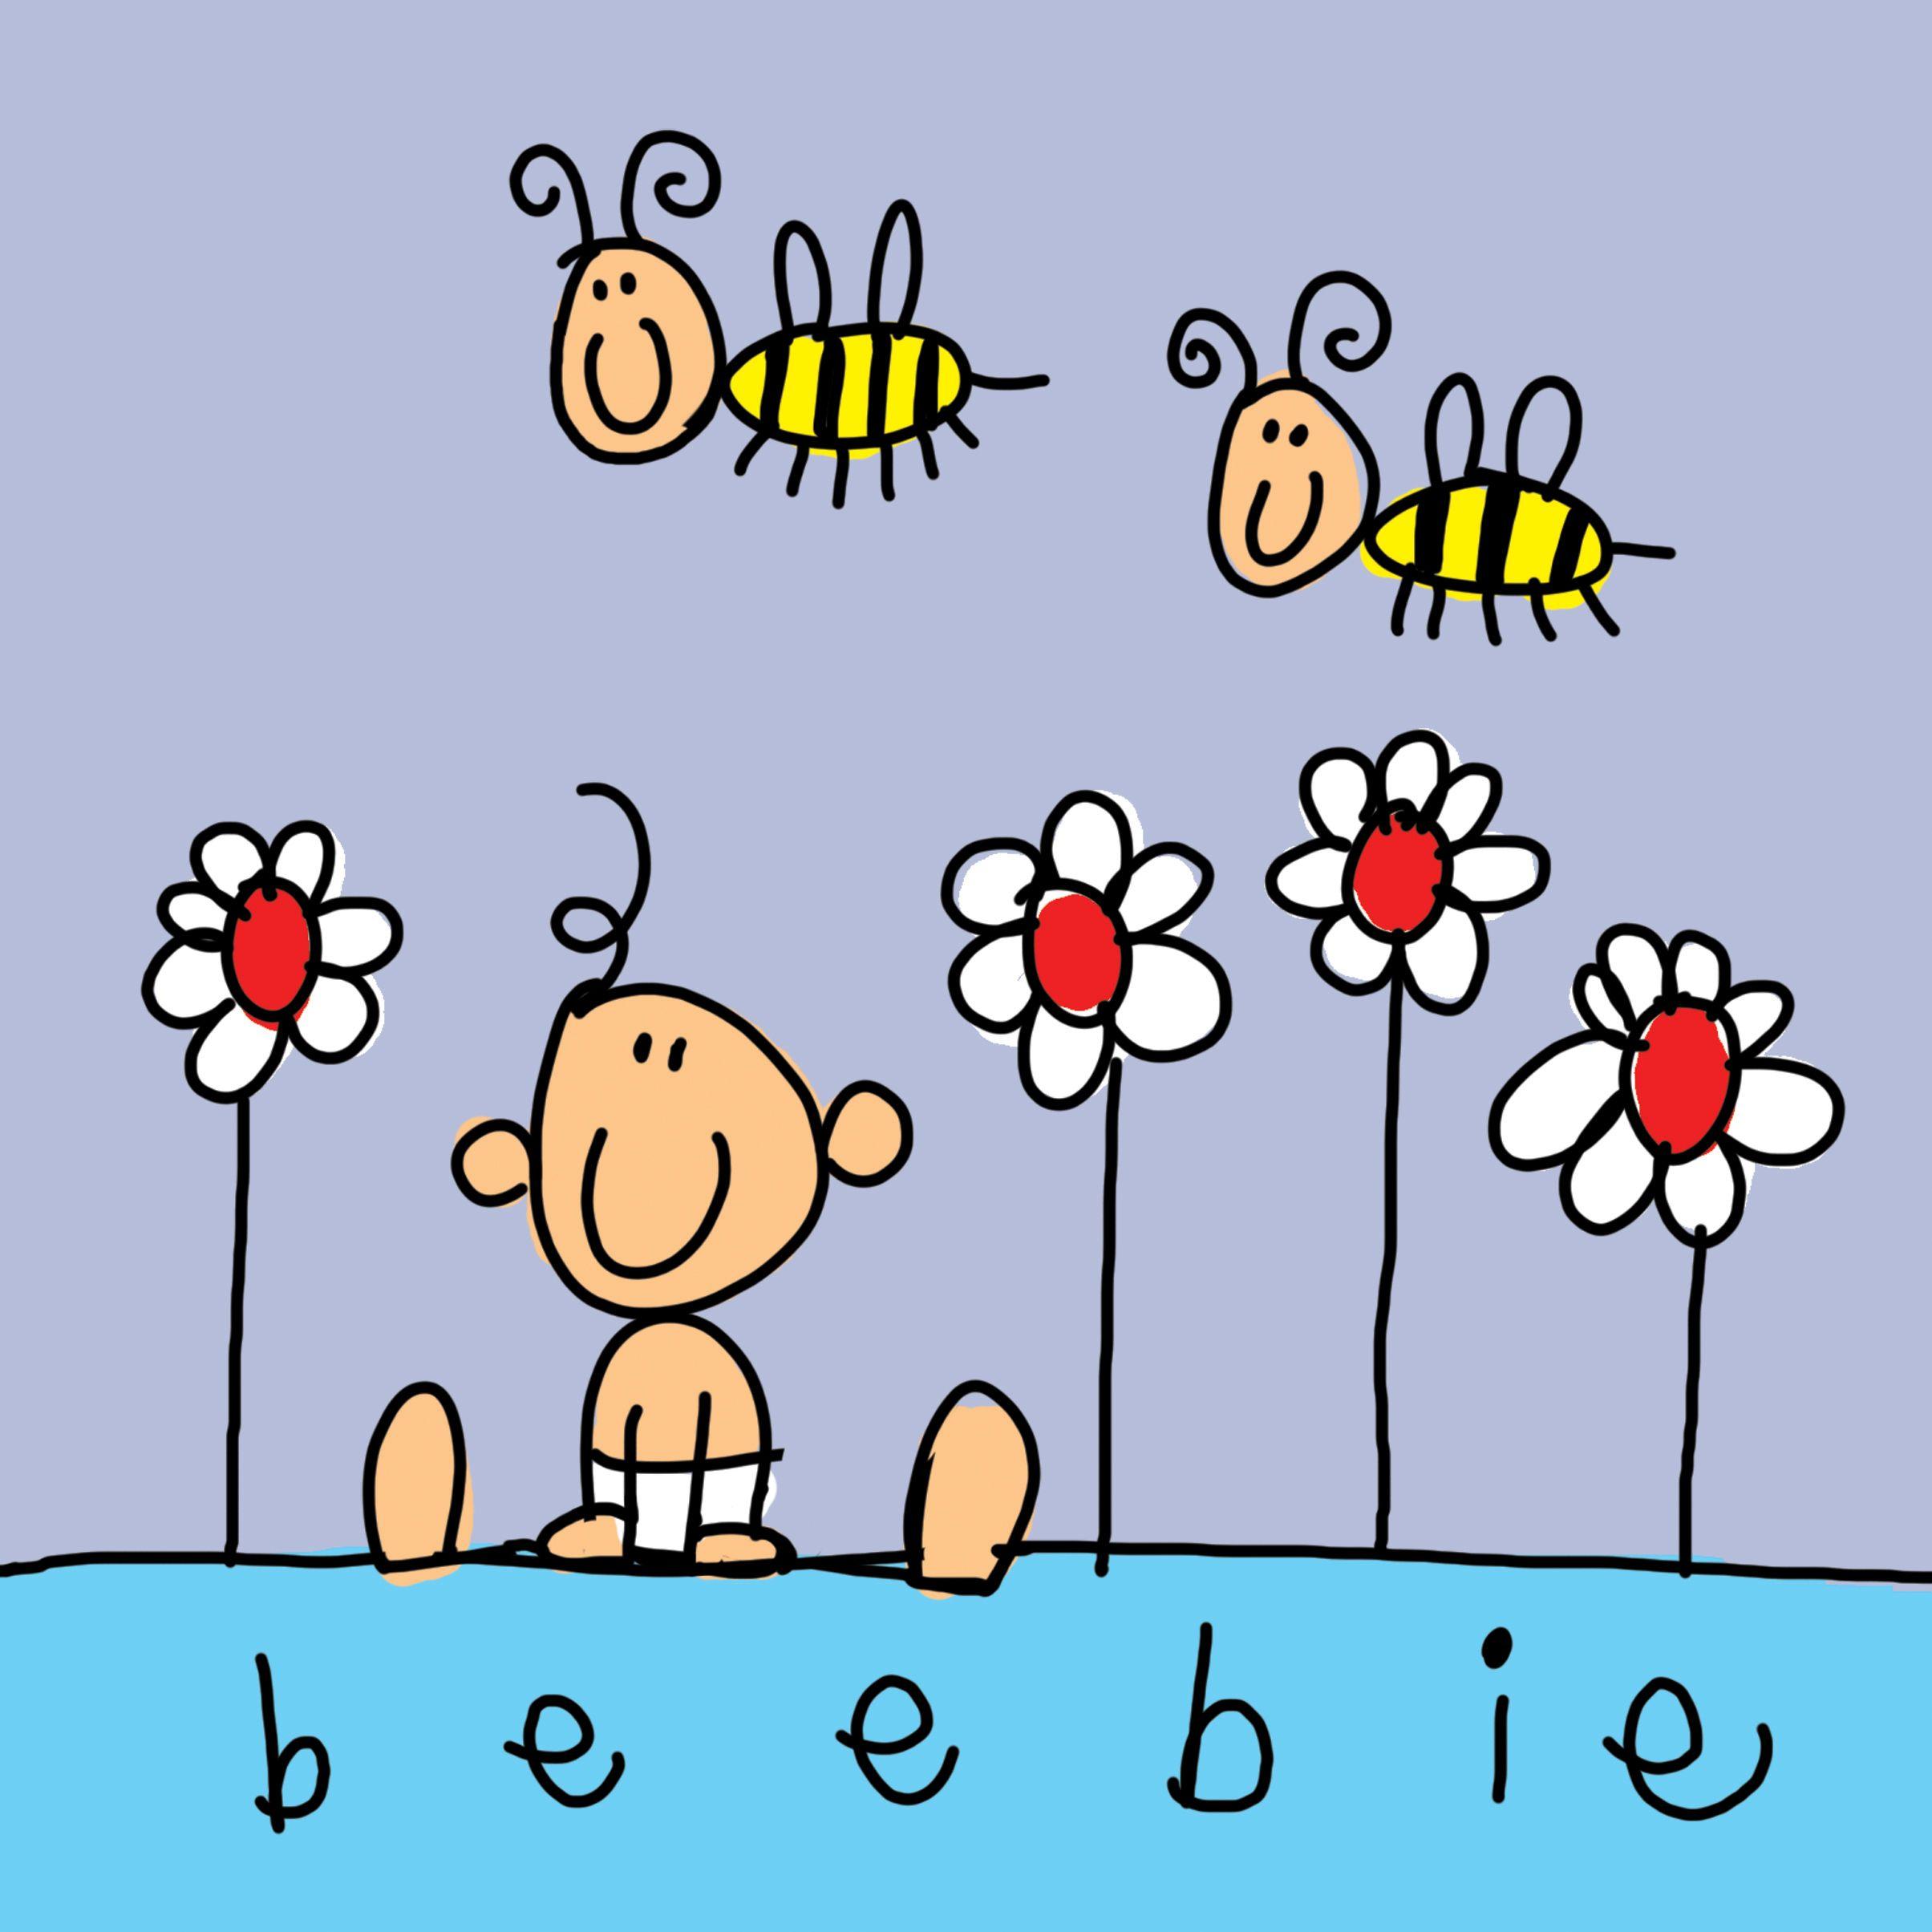 Geboortekaart Van Babette Harms Kaarten Maken Handletteren Babykaarten Kaarten